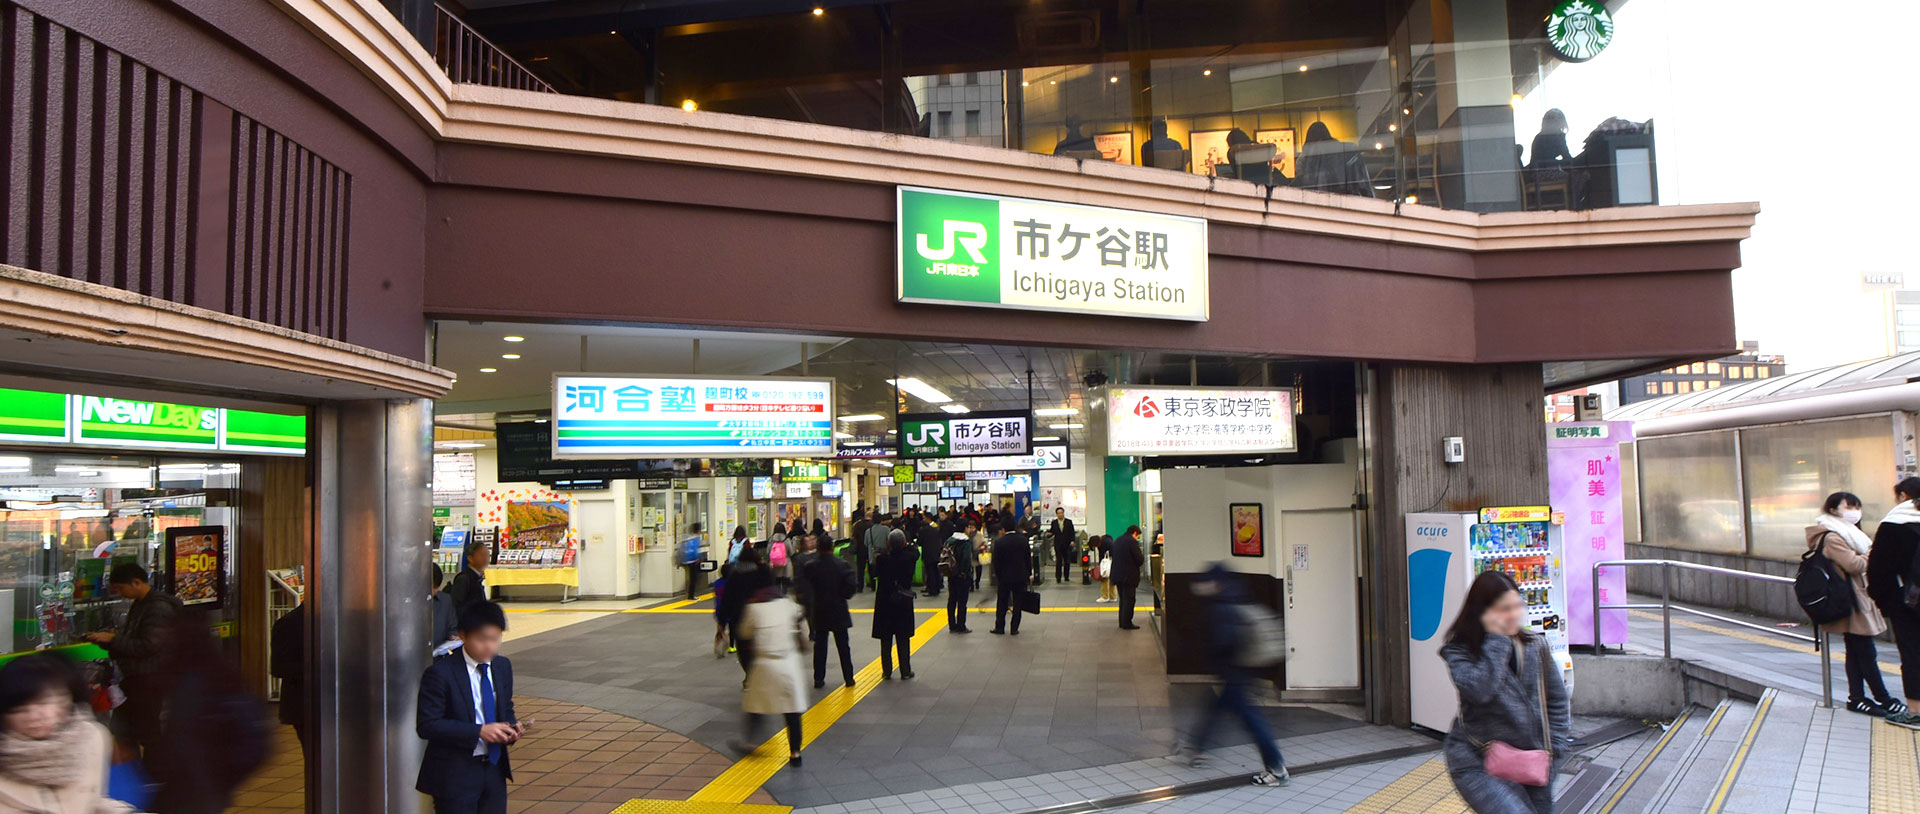 市ヶ谷(千代田区)で居抜きで飲食店を開業するための街情報